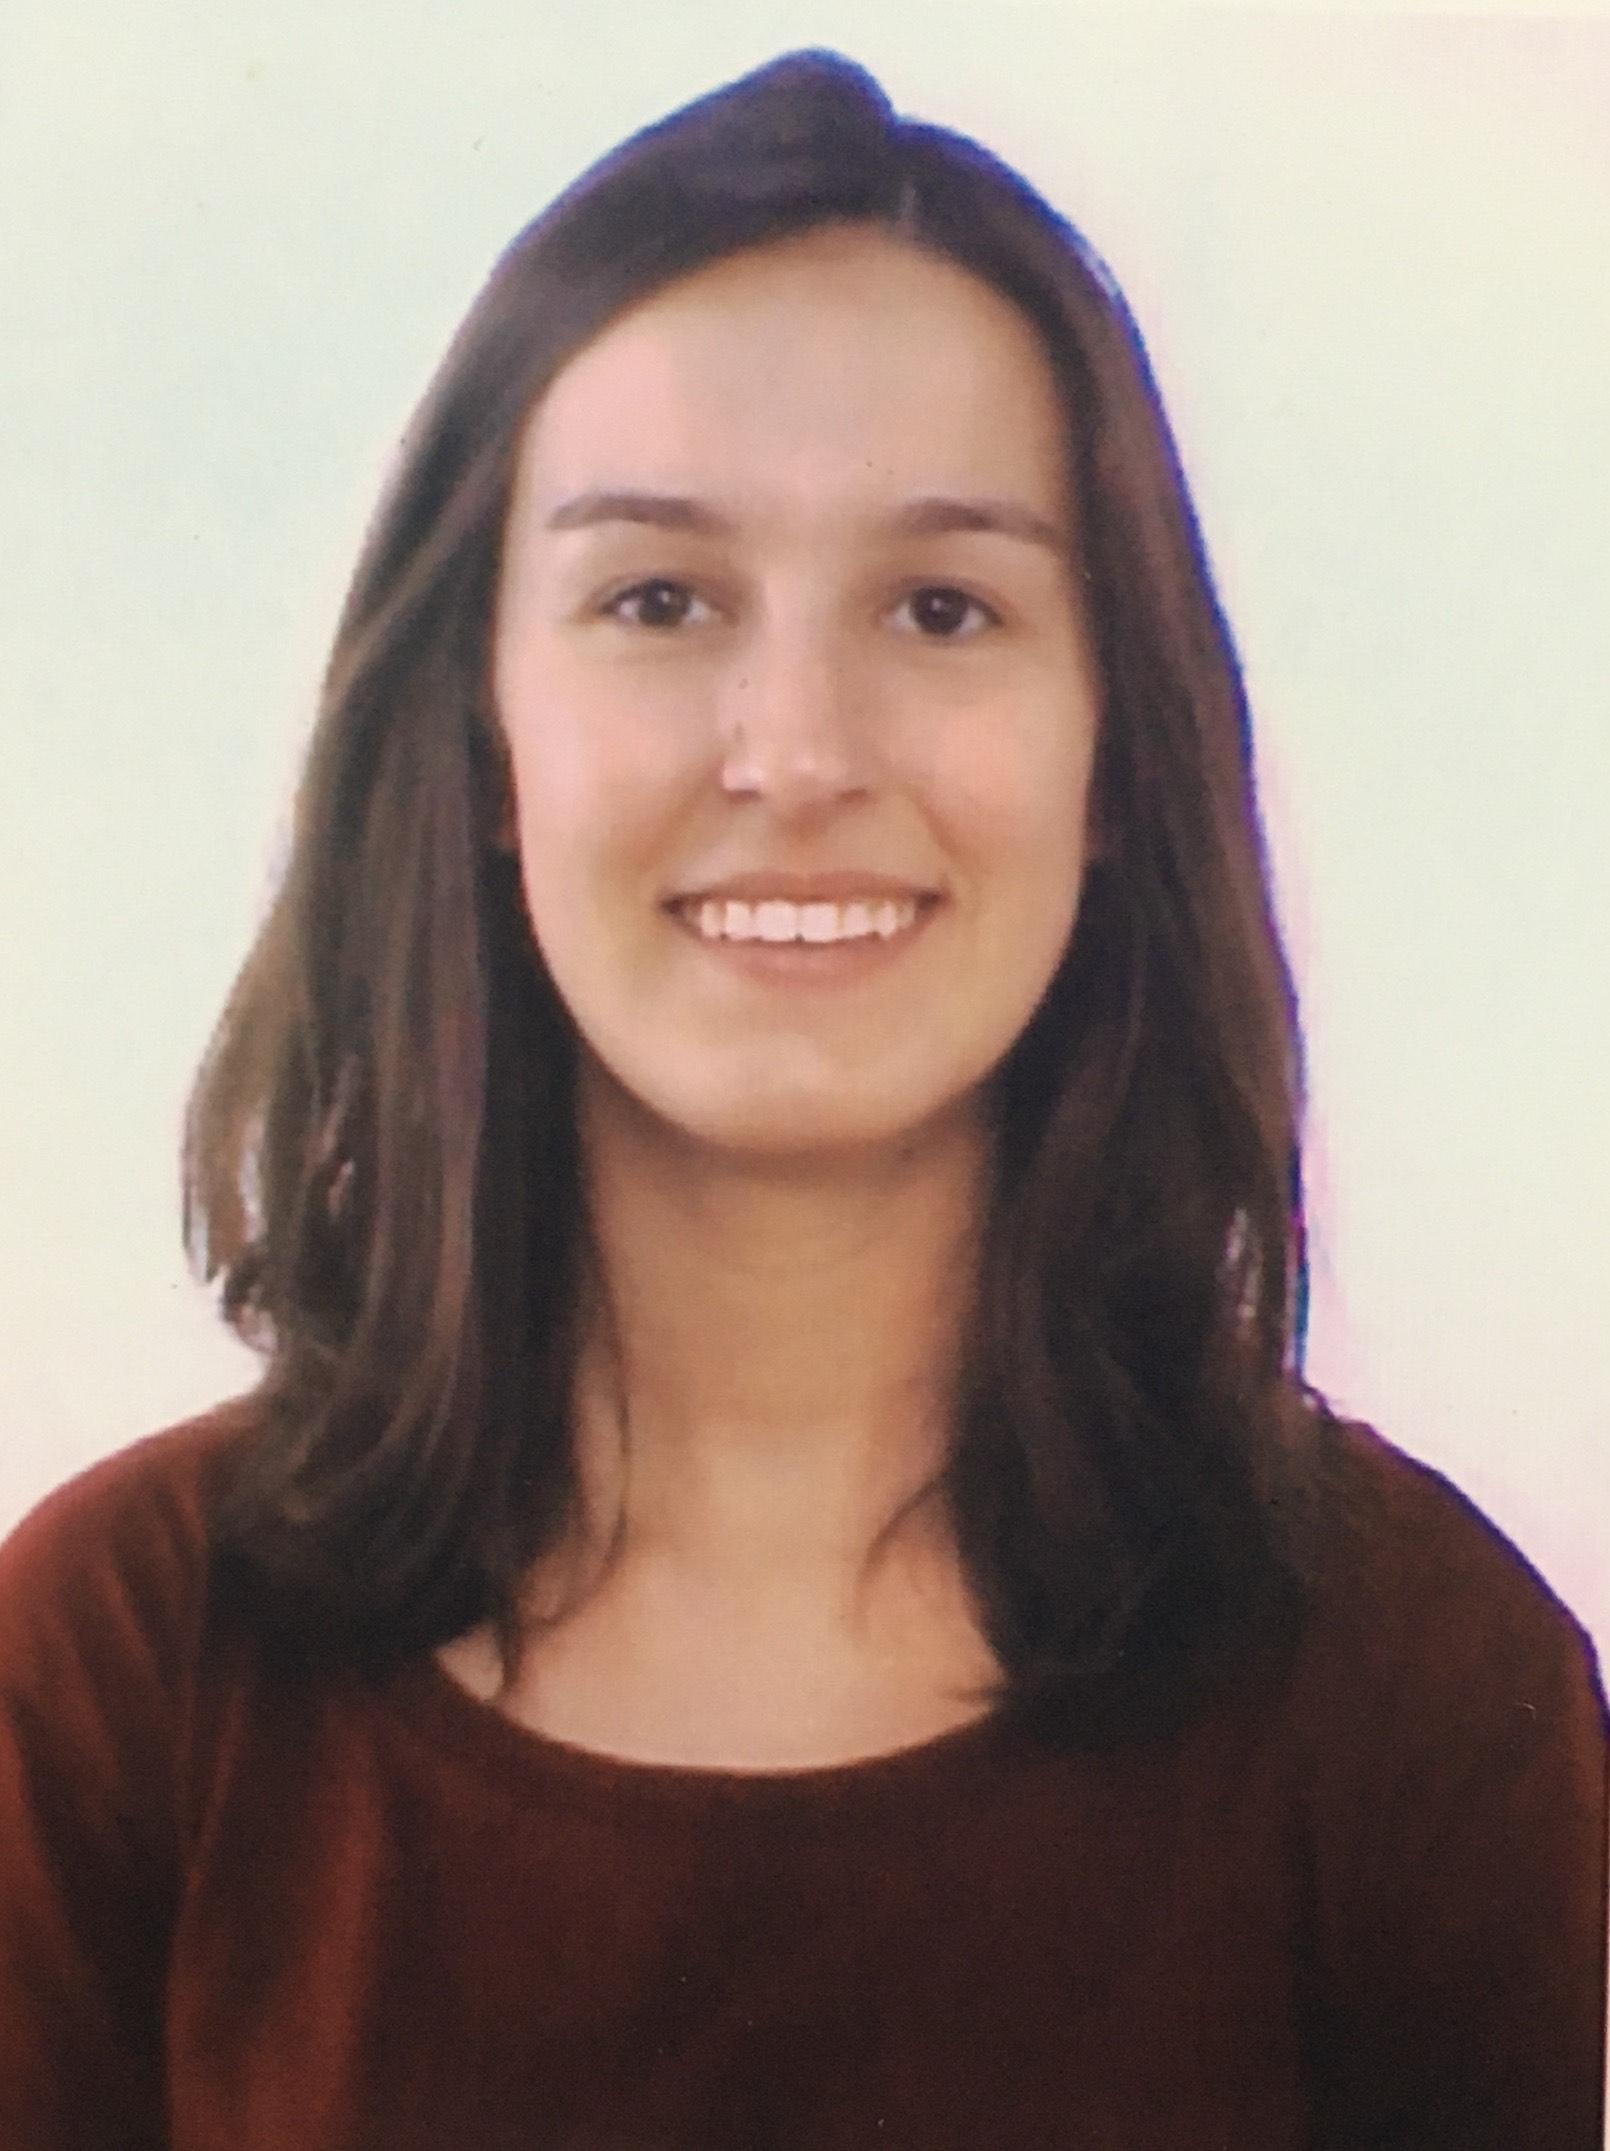 Profile picture of Cristiana Rosa